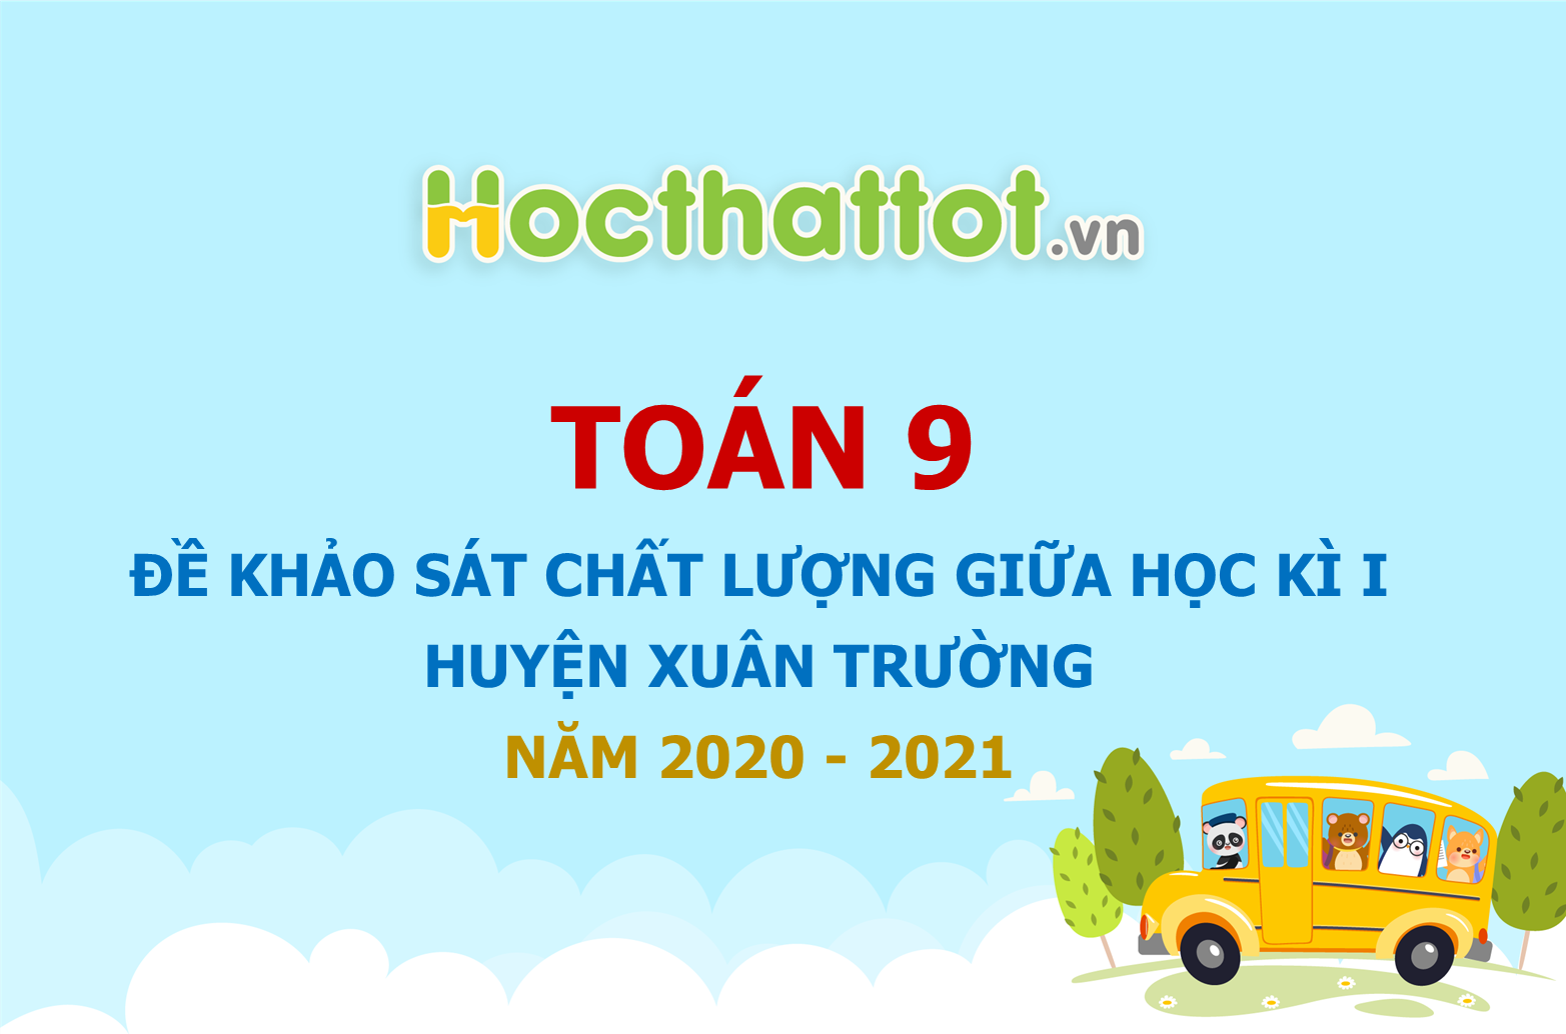 de-khao-sat-chat-luong-giua-ki-1-huyen-Xuan-Truong.jpg